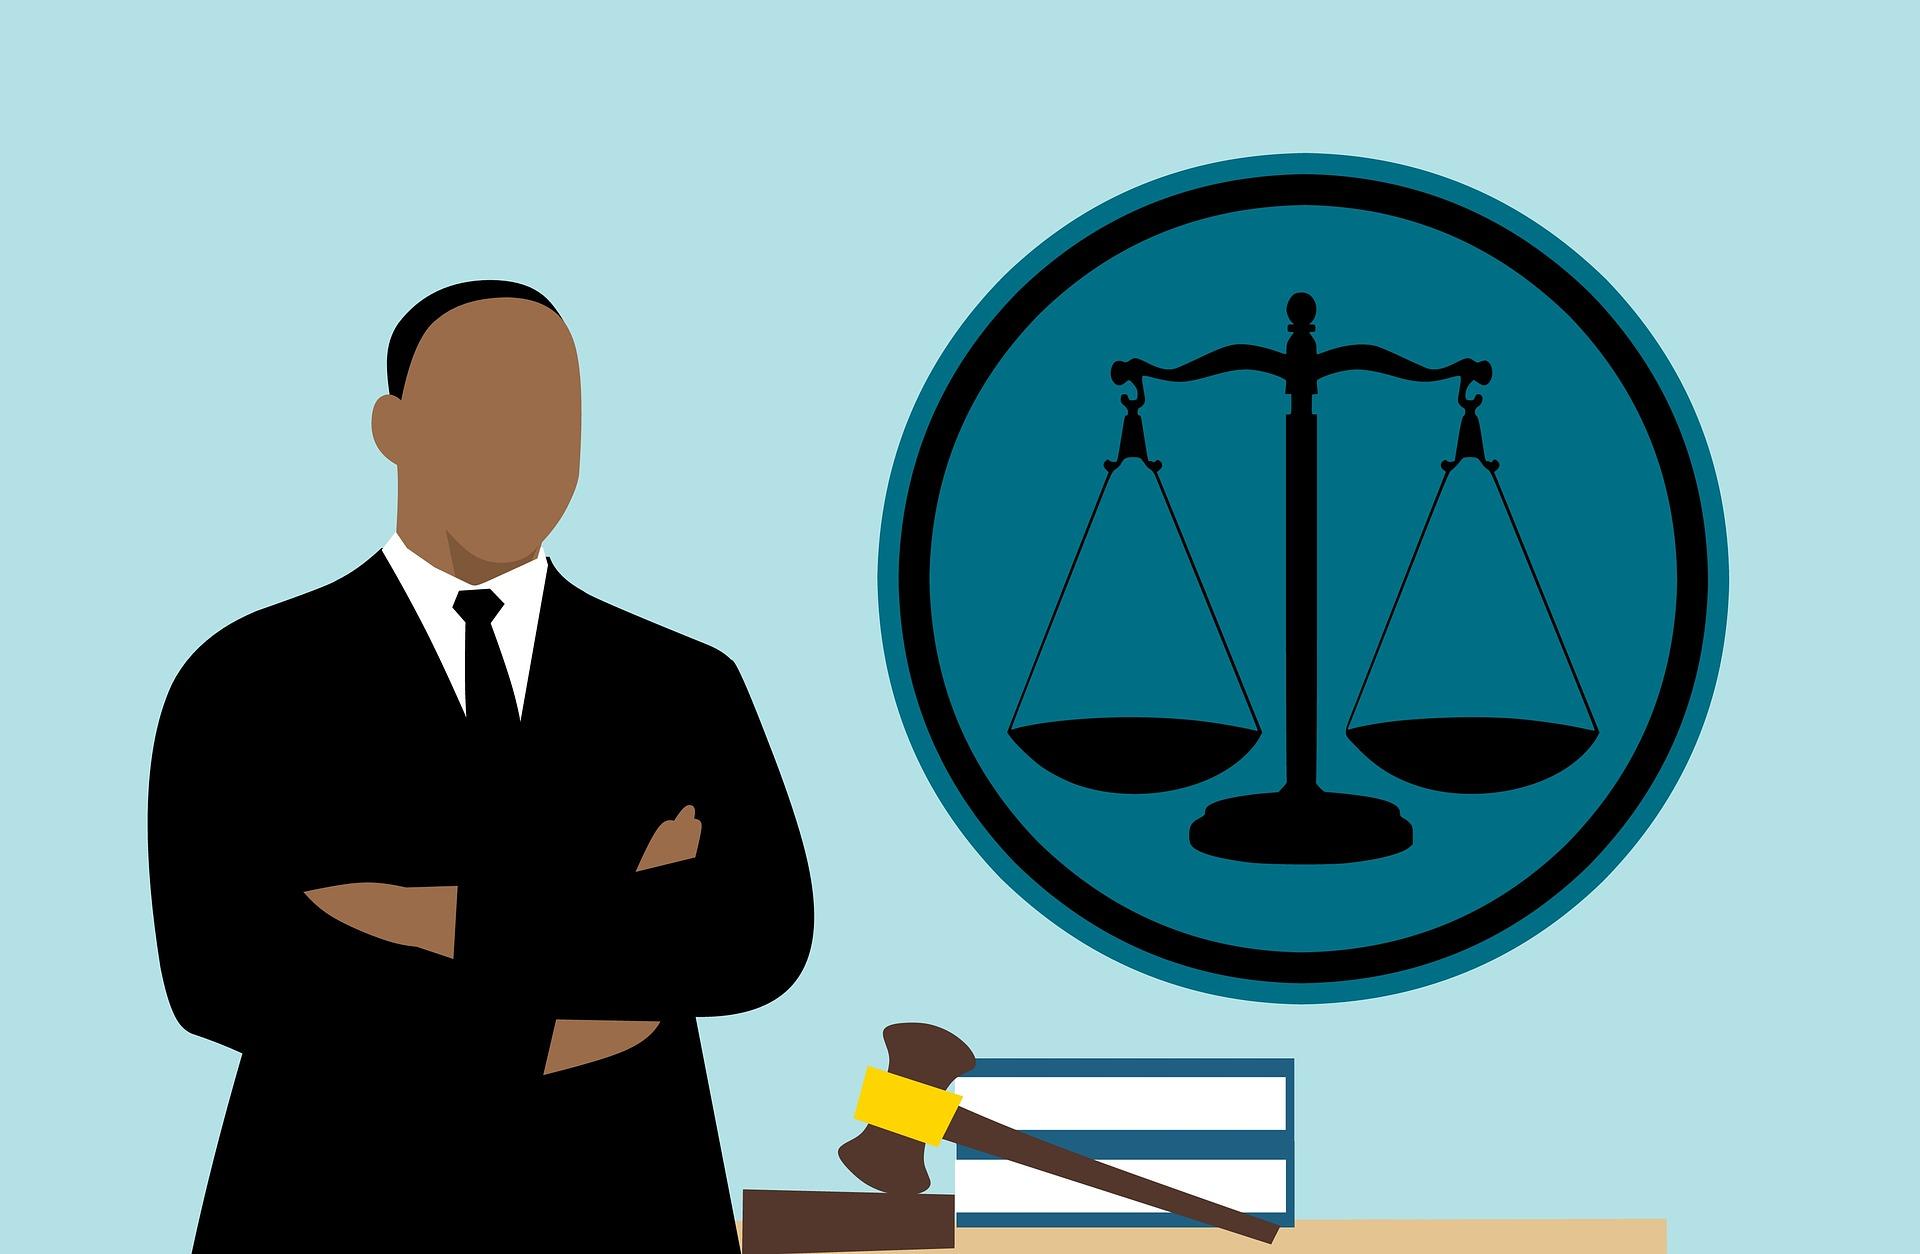 Les raisons pour lesquelles vous devriez engager une équipe juridique